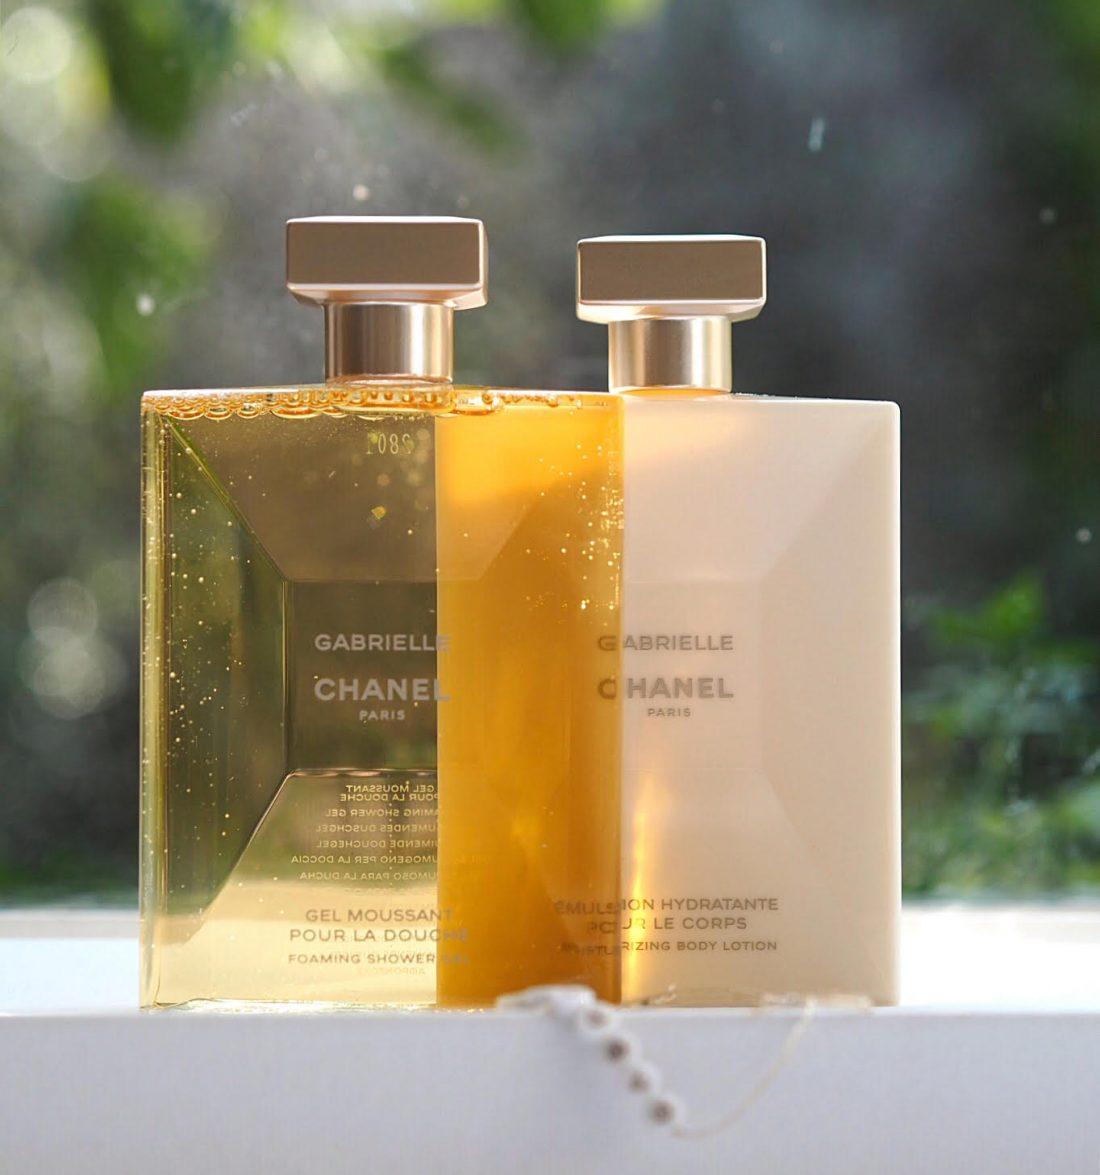 c1d542c8831 Gabrielle Chanel Foaming Shower Gel